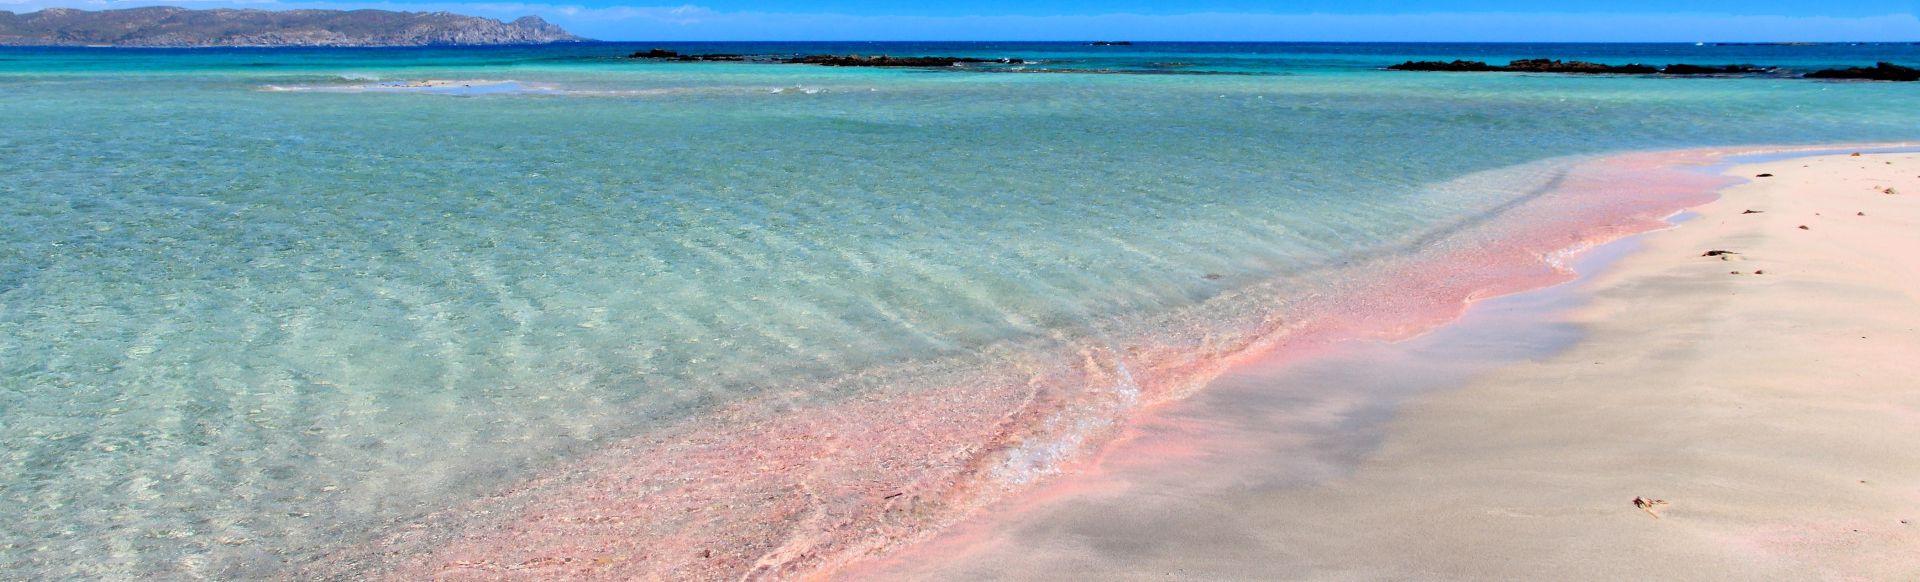 creta-elafonisi-beach-greece-1920x596-1.jpg